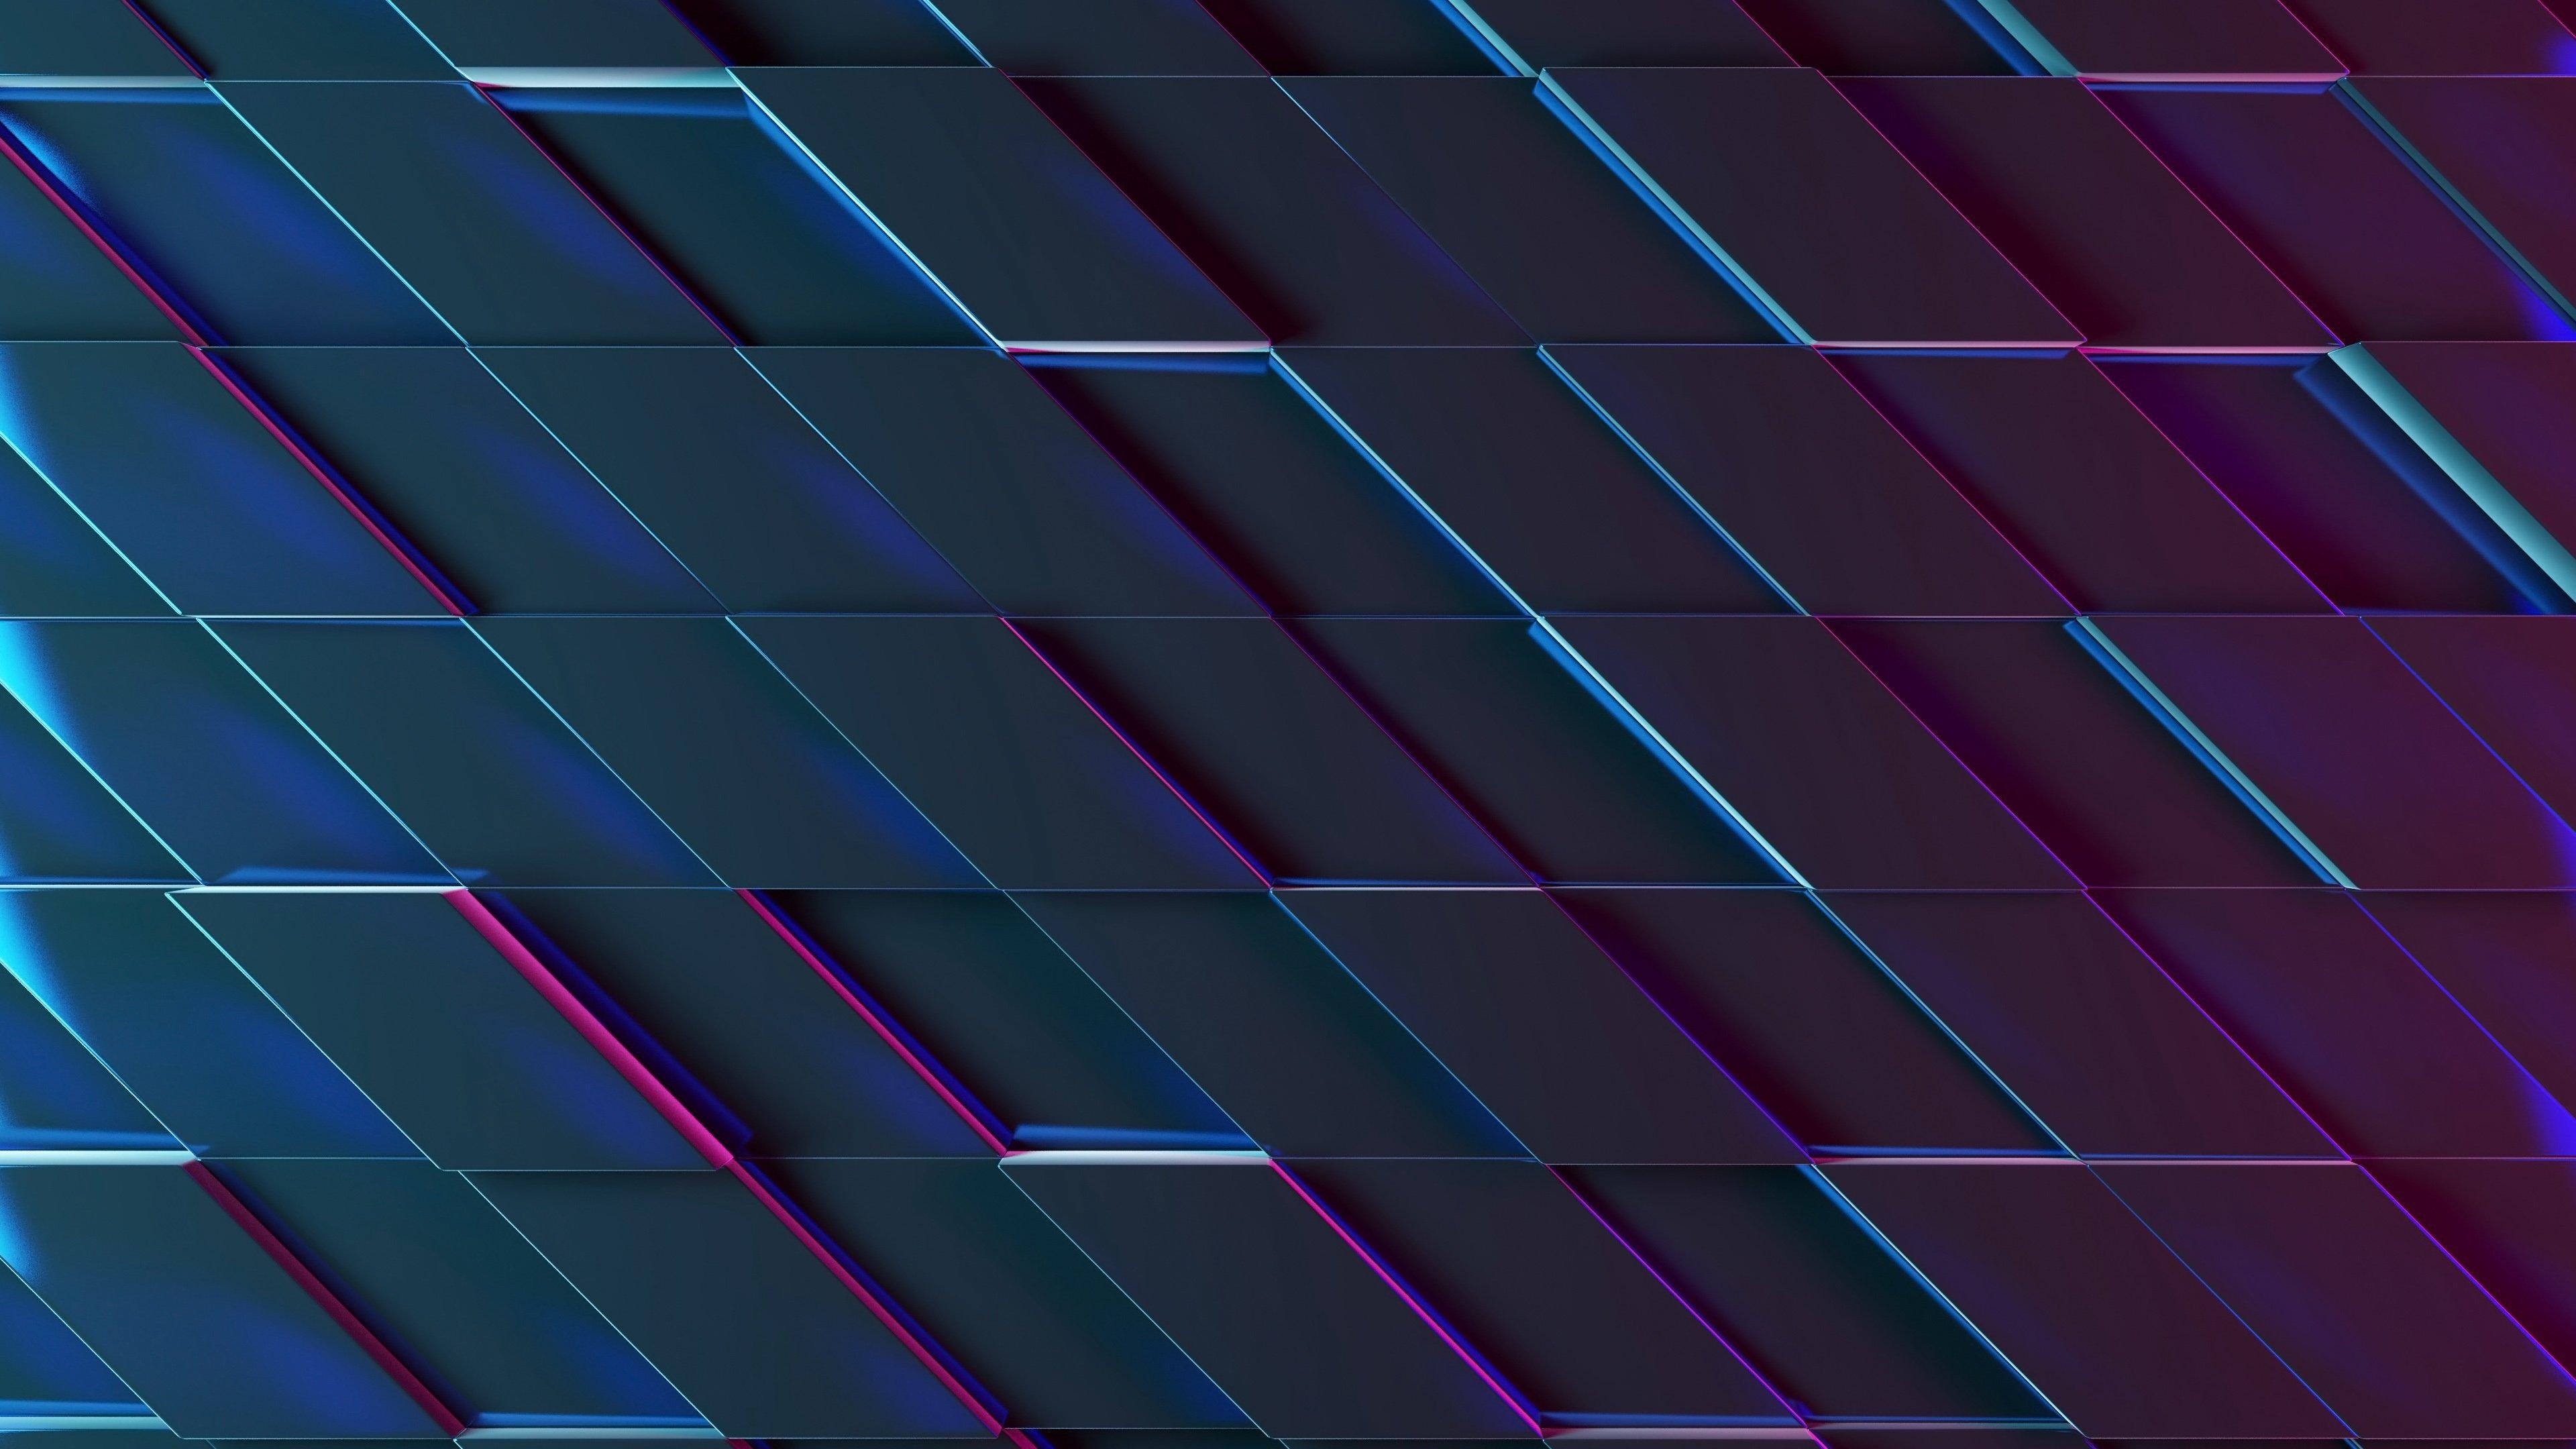 Fondos de pantalla Rectángulos iluminación neón 3D